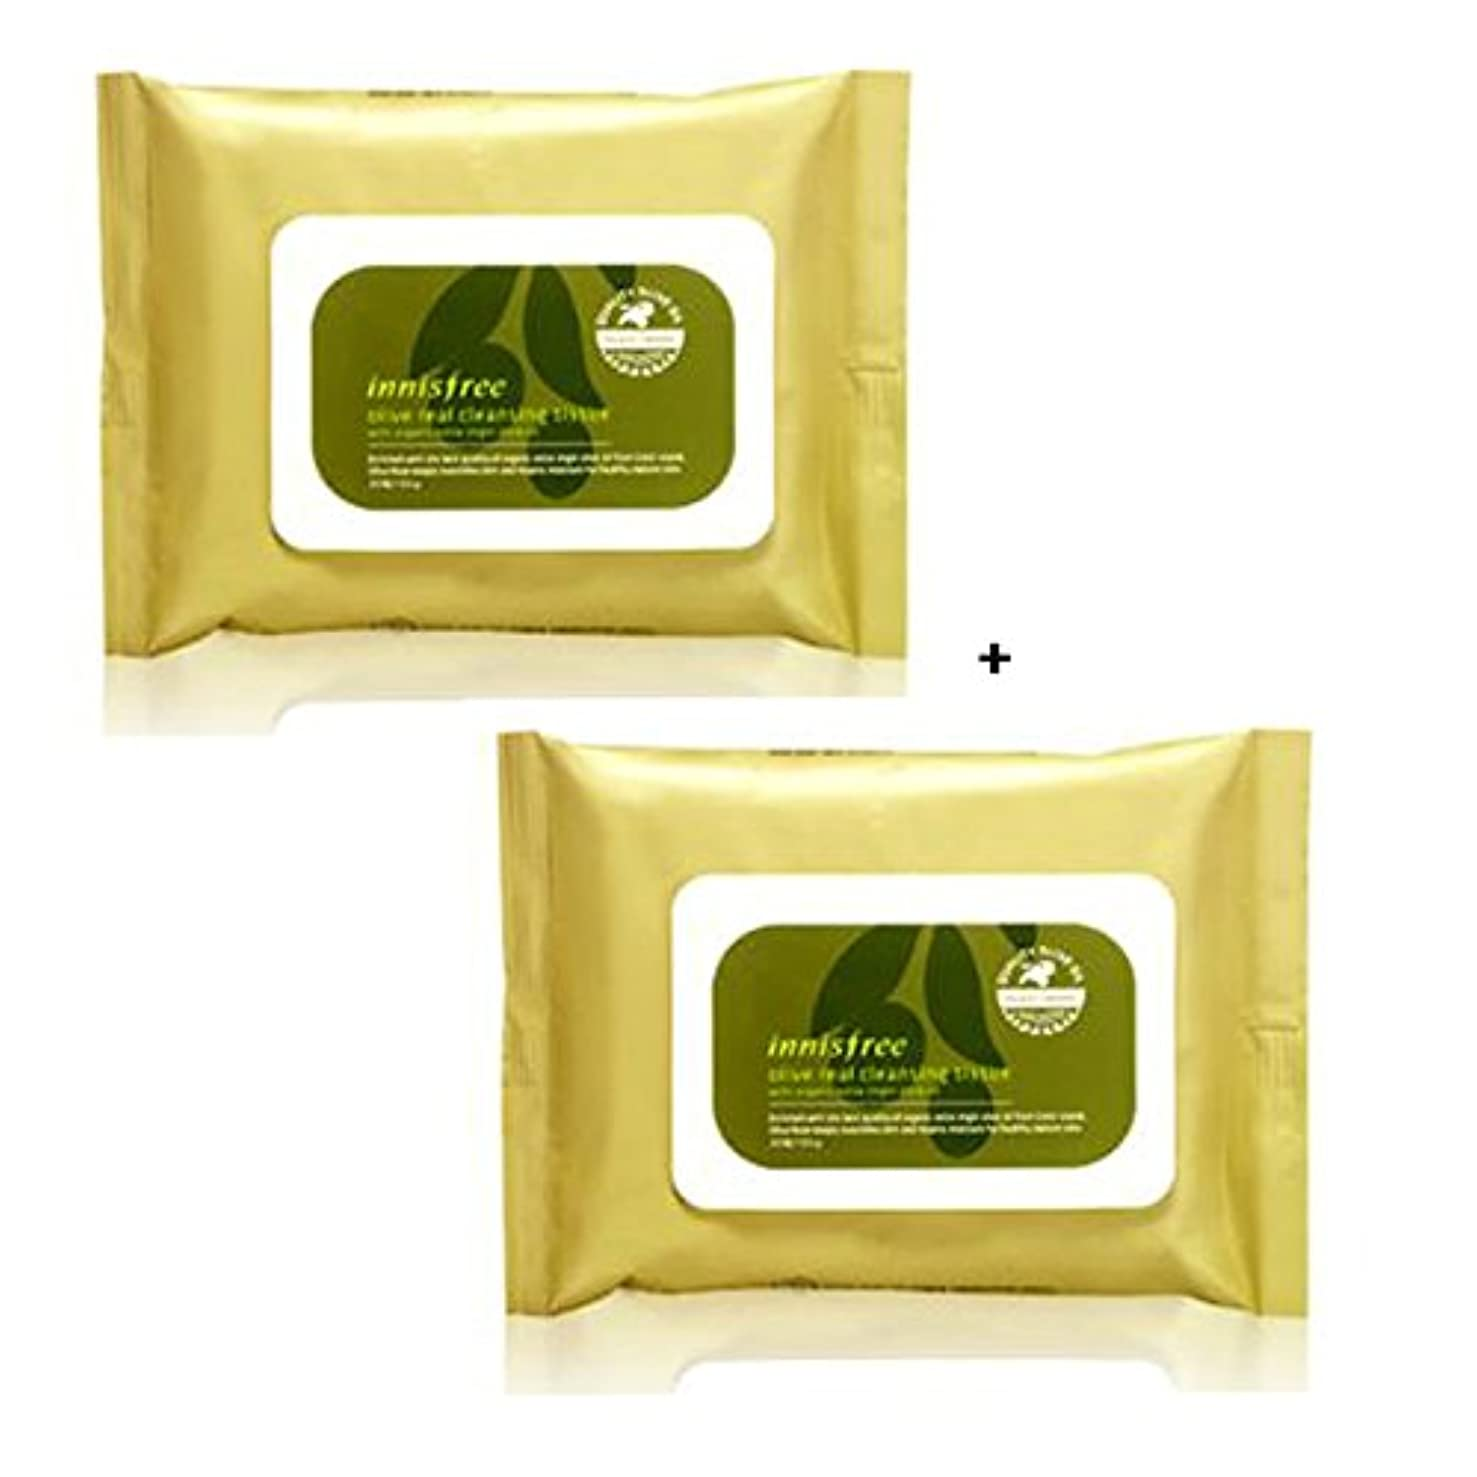 イニスフリー Innisfree オリーブリアル クレンジングティッシュ (30枚x2) Innisfree Olive Real Cleansing Tissue (30sheetsx2Pcs) [海外直送品]